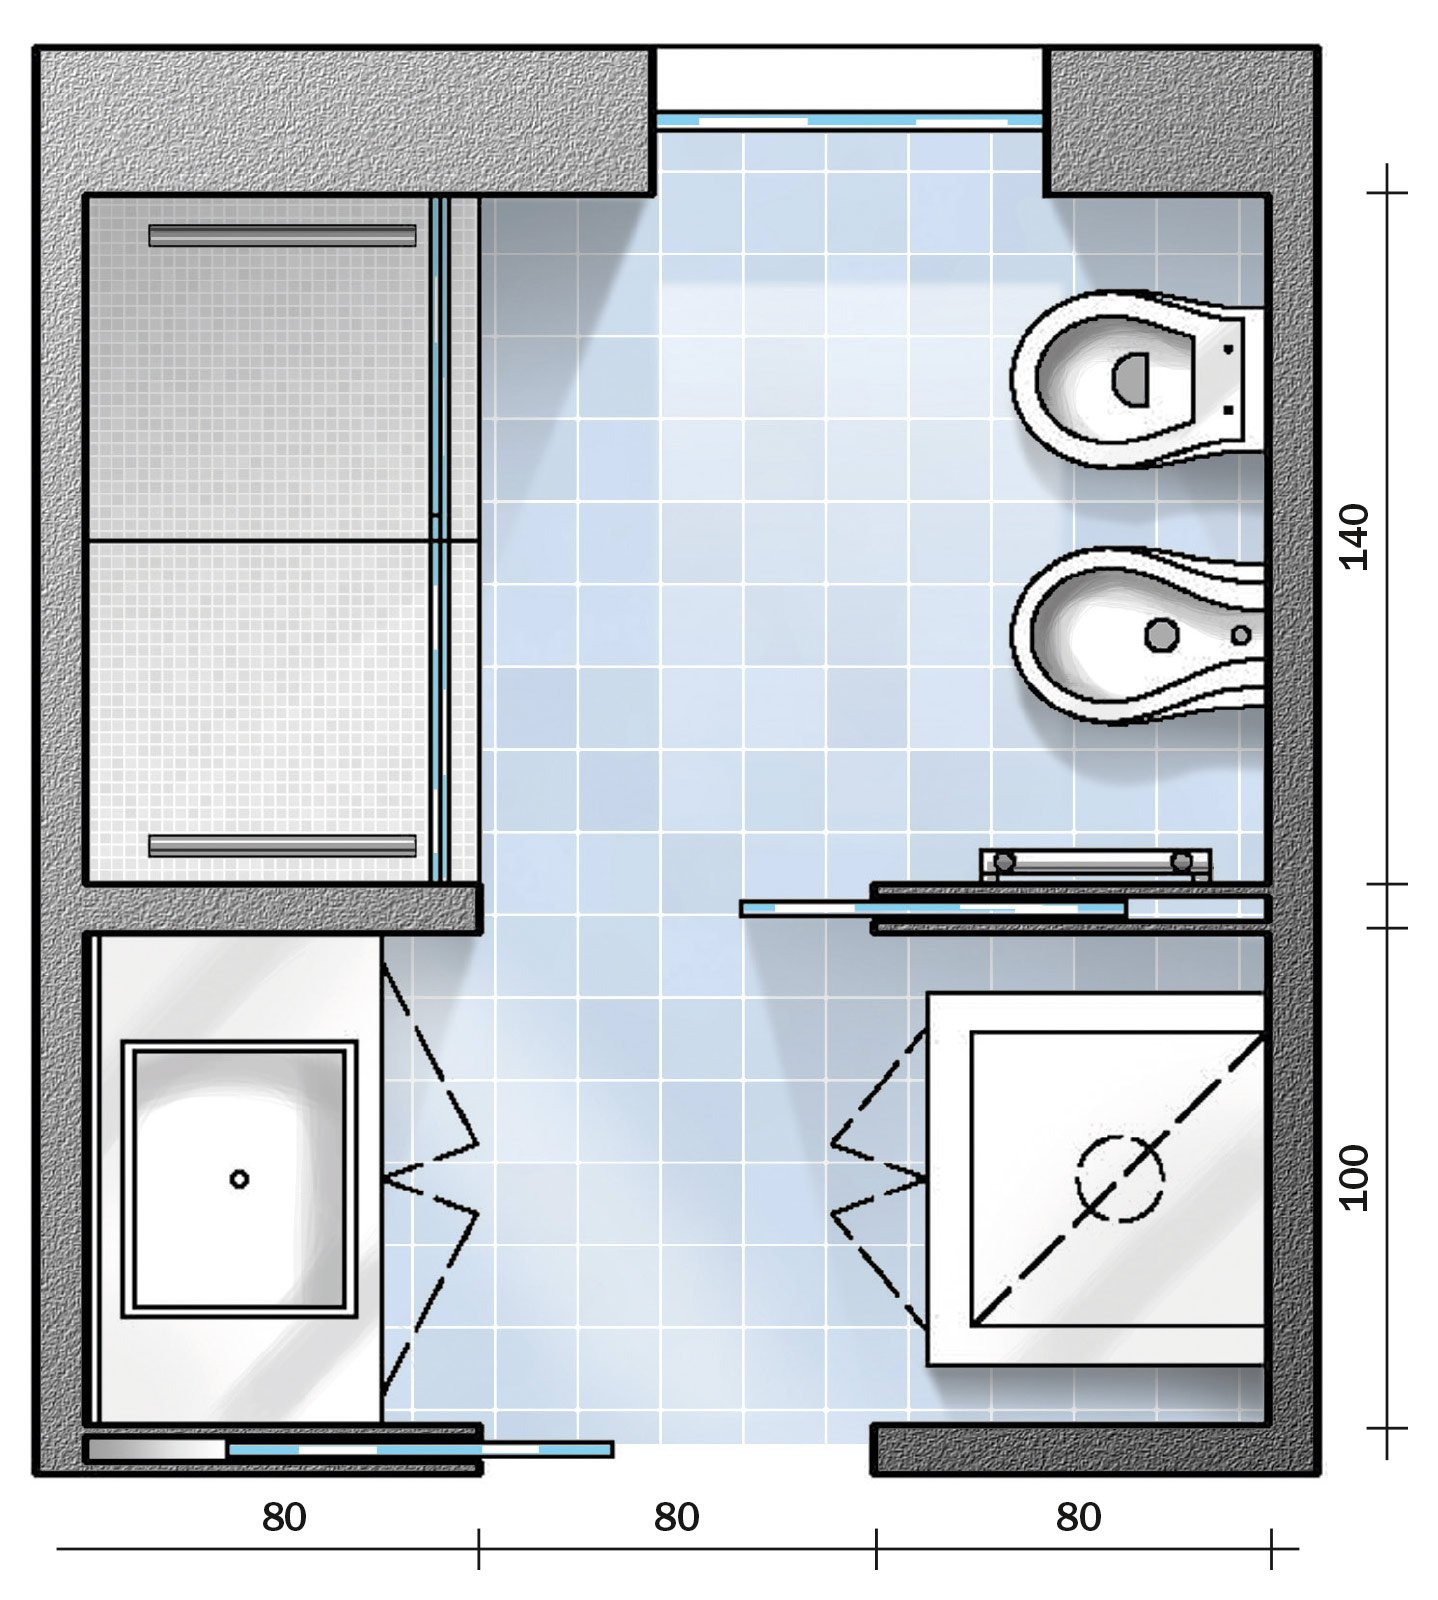 Bagno con pianta del progetto e costi dei lavori. Prima soluzione - Cose di Casa